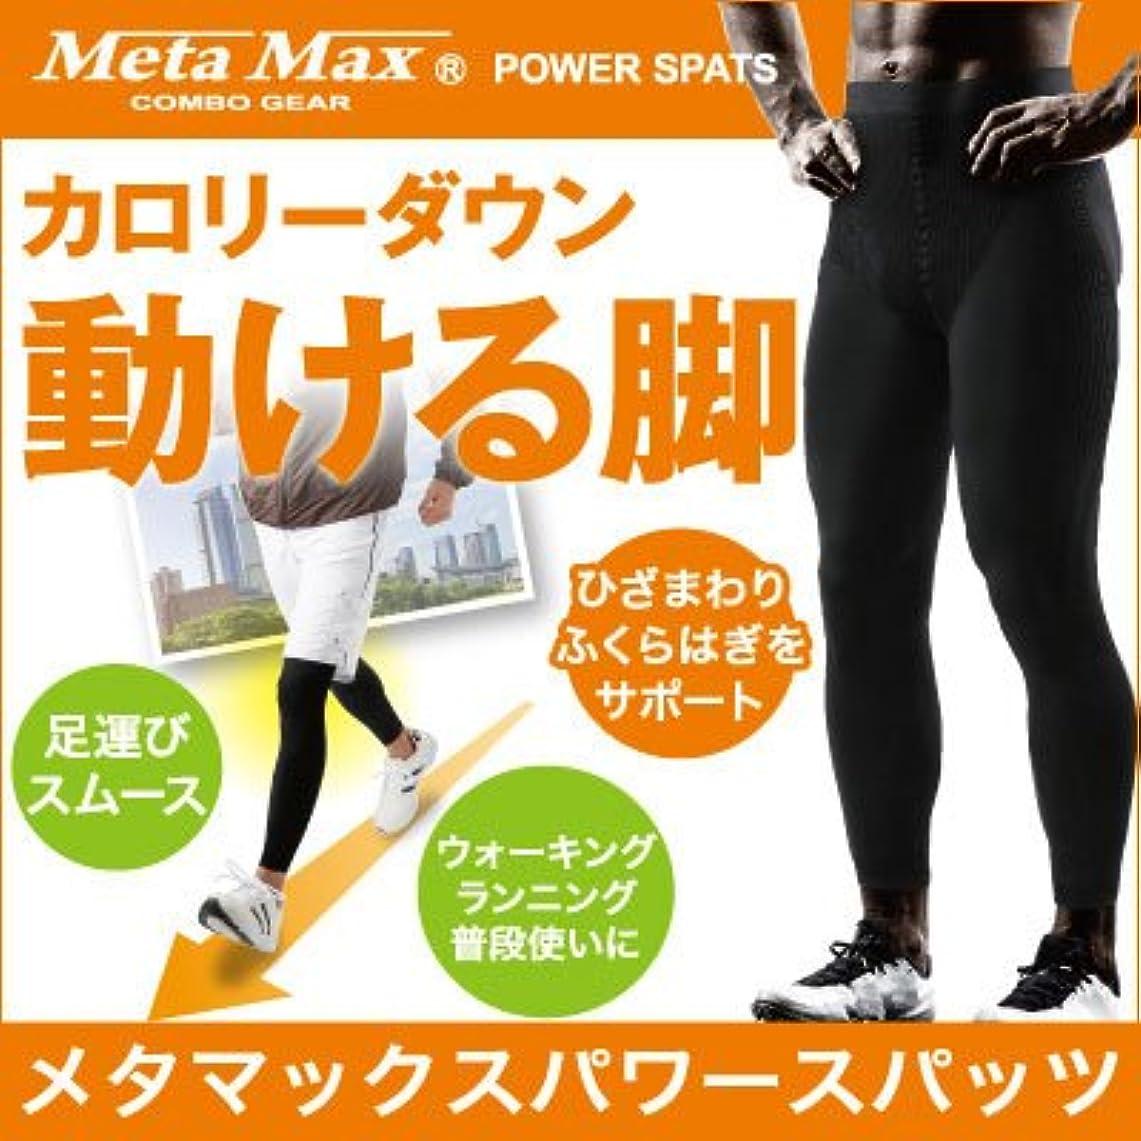 認証心からマイナスカロリーダウンサポート男性用スパッツ メタマックスパワースパッツ Lサイズ 2枚セット